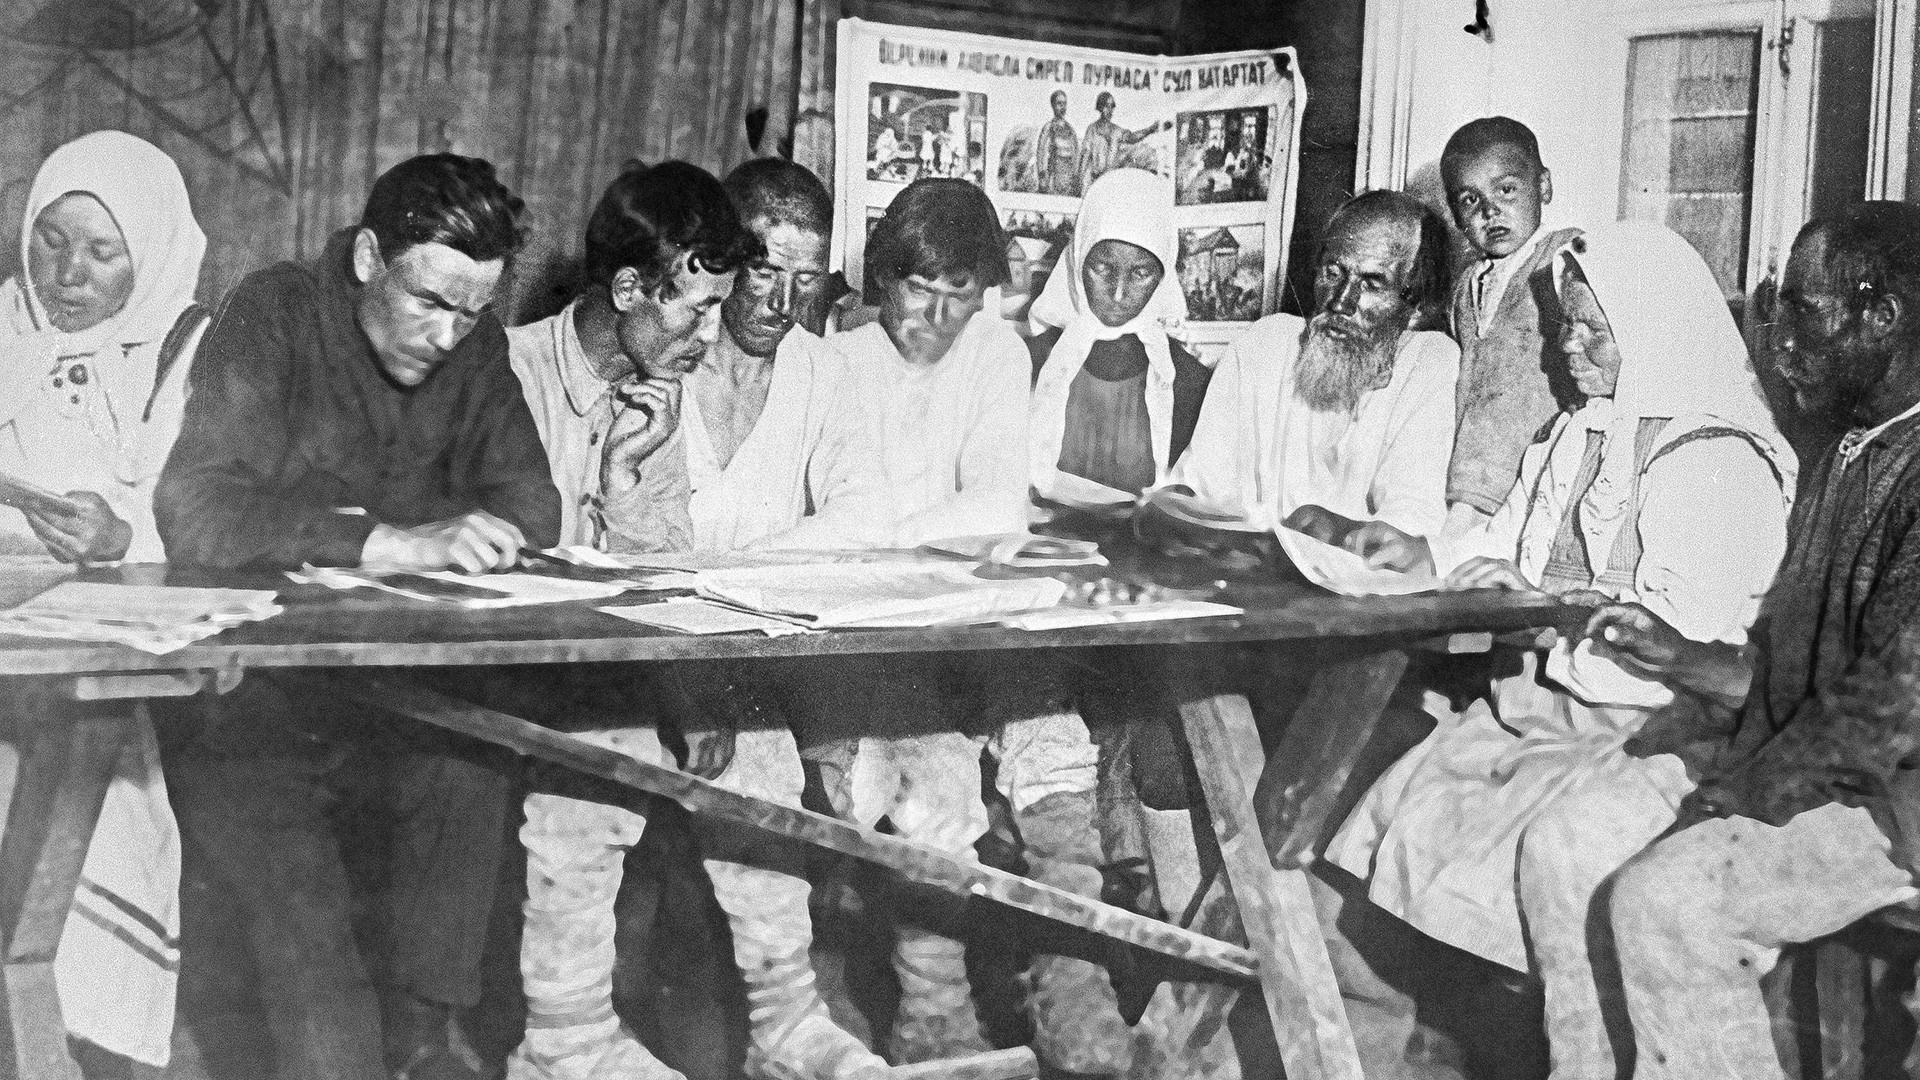 Um dem Analphabetismus entgegenzuwirken, wird den Bauern in Tschuwaschien gemäß des Bolschewiki Programms das Lesen und Schreiben gelehrt.